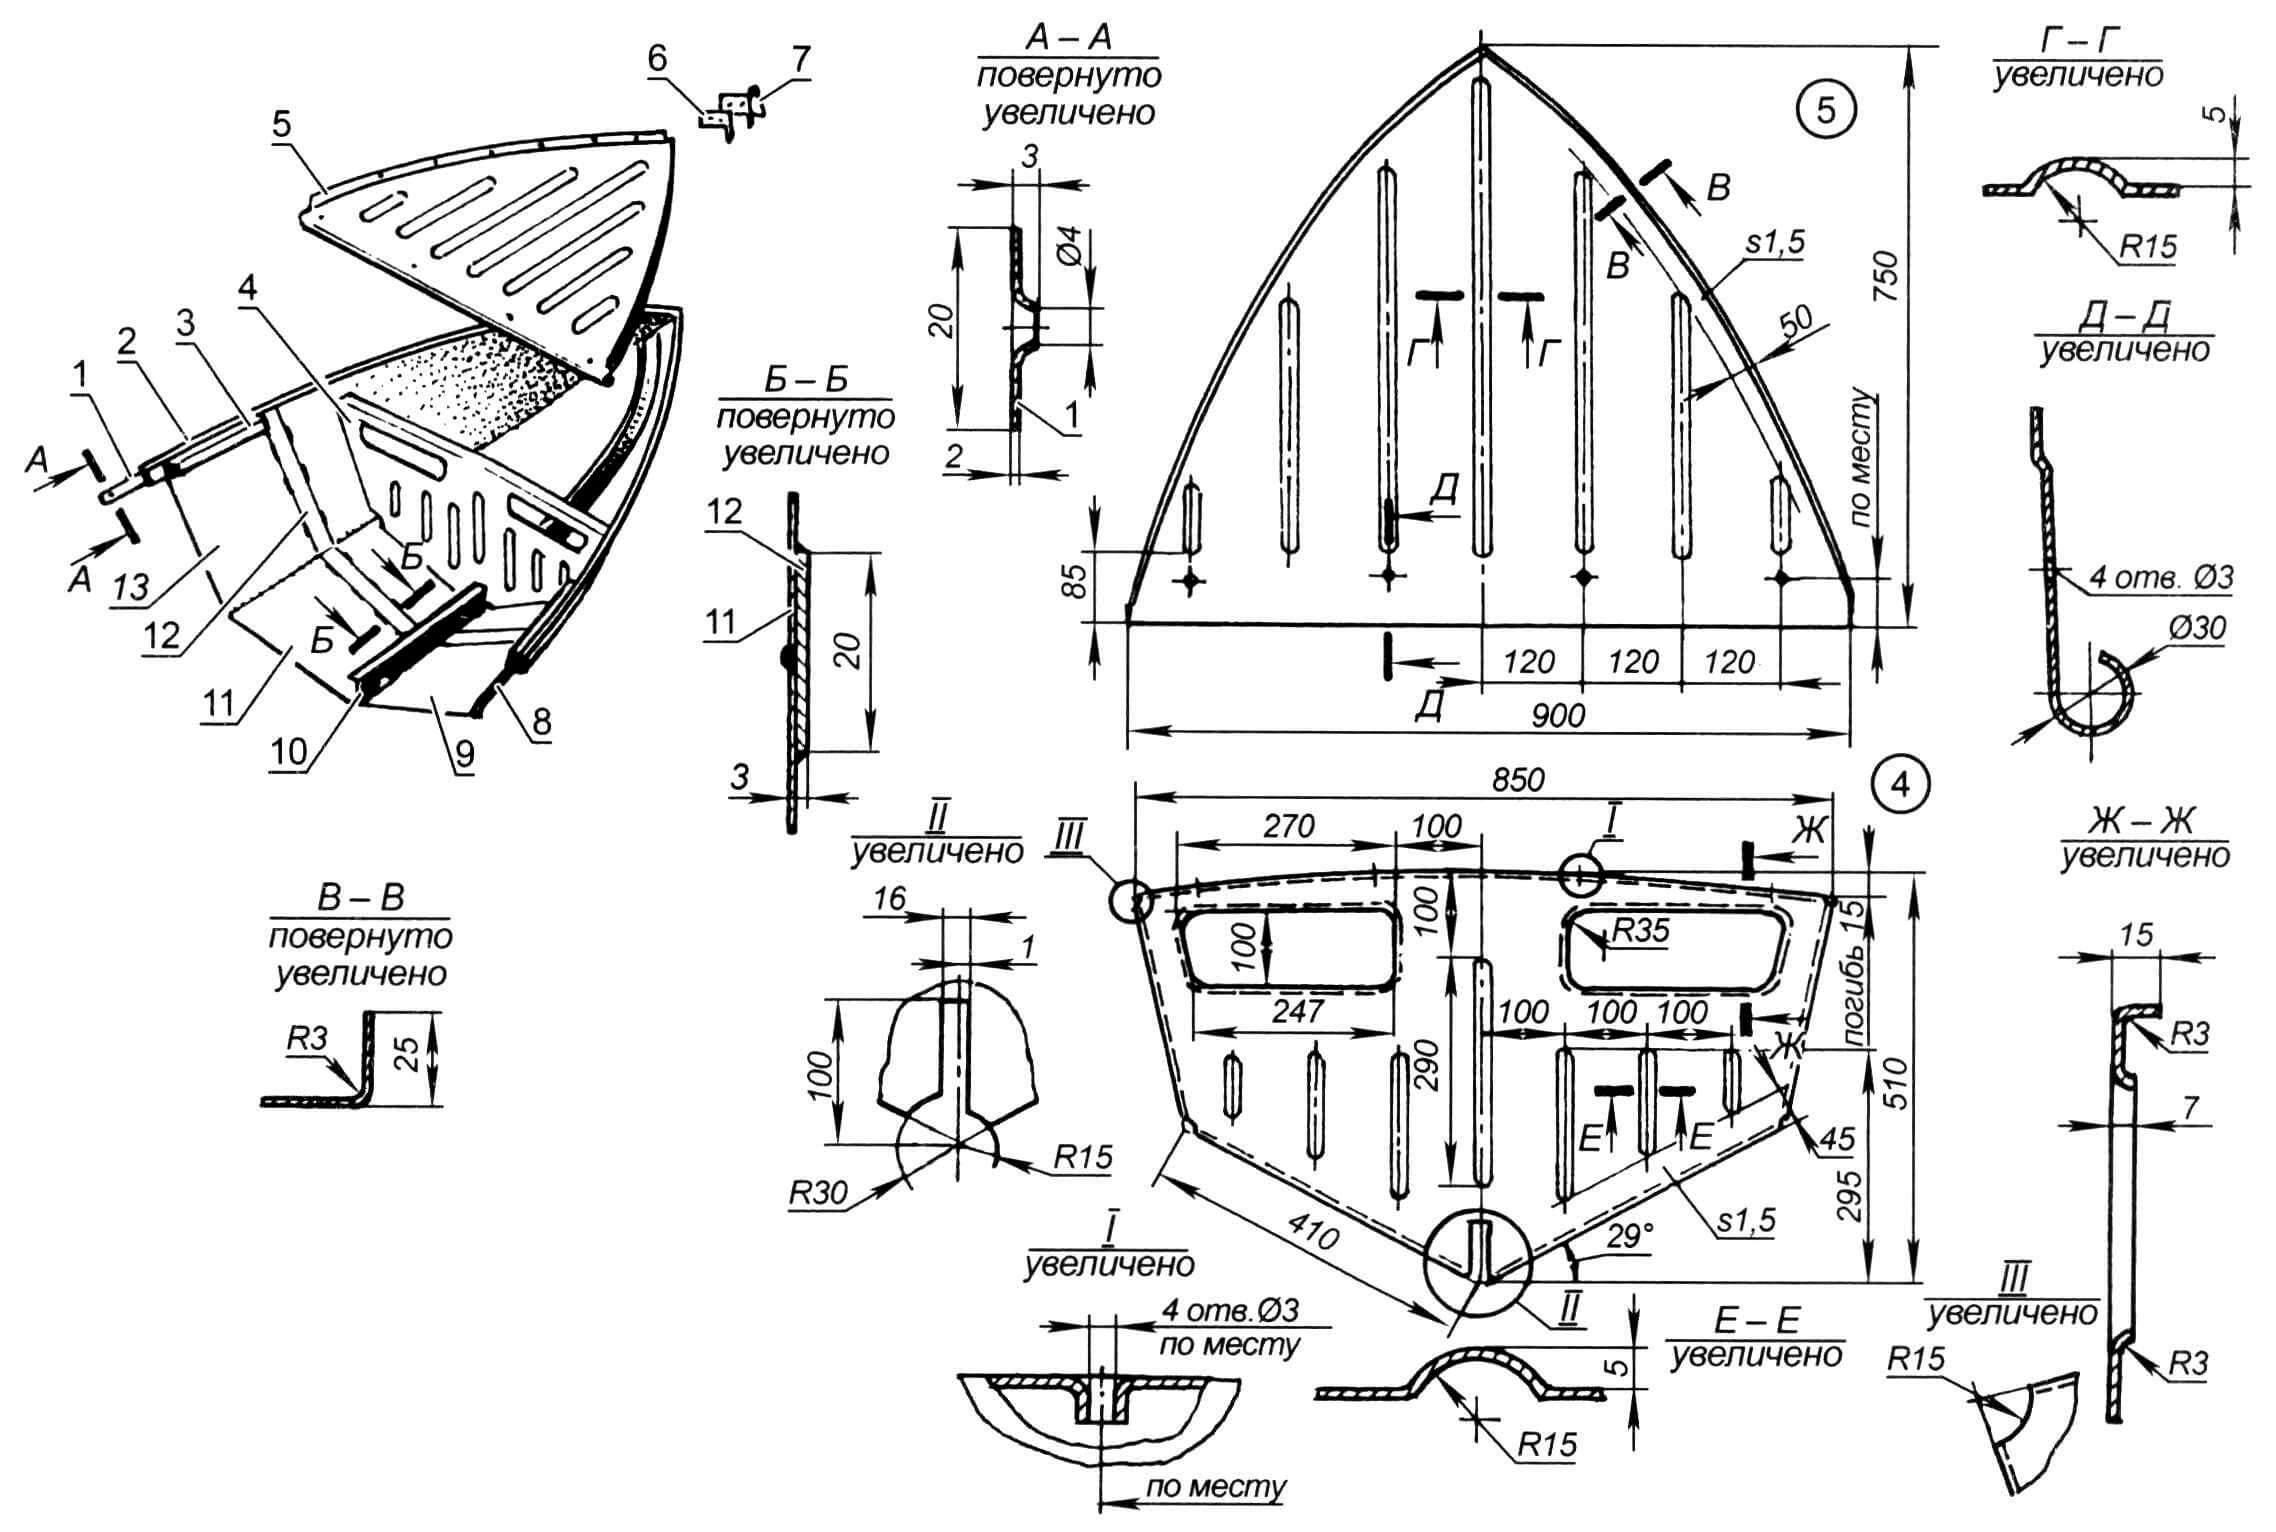 Форпик: 1 - оковка; 2 - буртик; 3 - привальный брус; 4 - носовая переборка; 5 - носовая палуба (сталь, лист s1,5 мм); 6 - внутренняя накладка (сталь, лист s2 мм); 7 - внешняя накладка с кольцом и буксировочным рымом (сталь, лист s2 мм; пруток ø8); 8, 13 - бортовые панели; 9, 11 - днищевые панели; 10 - киль; 12 - стыковая накладка (сталь, полоса 20x1,5 мм)